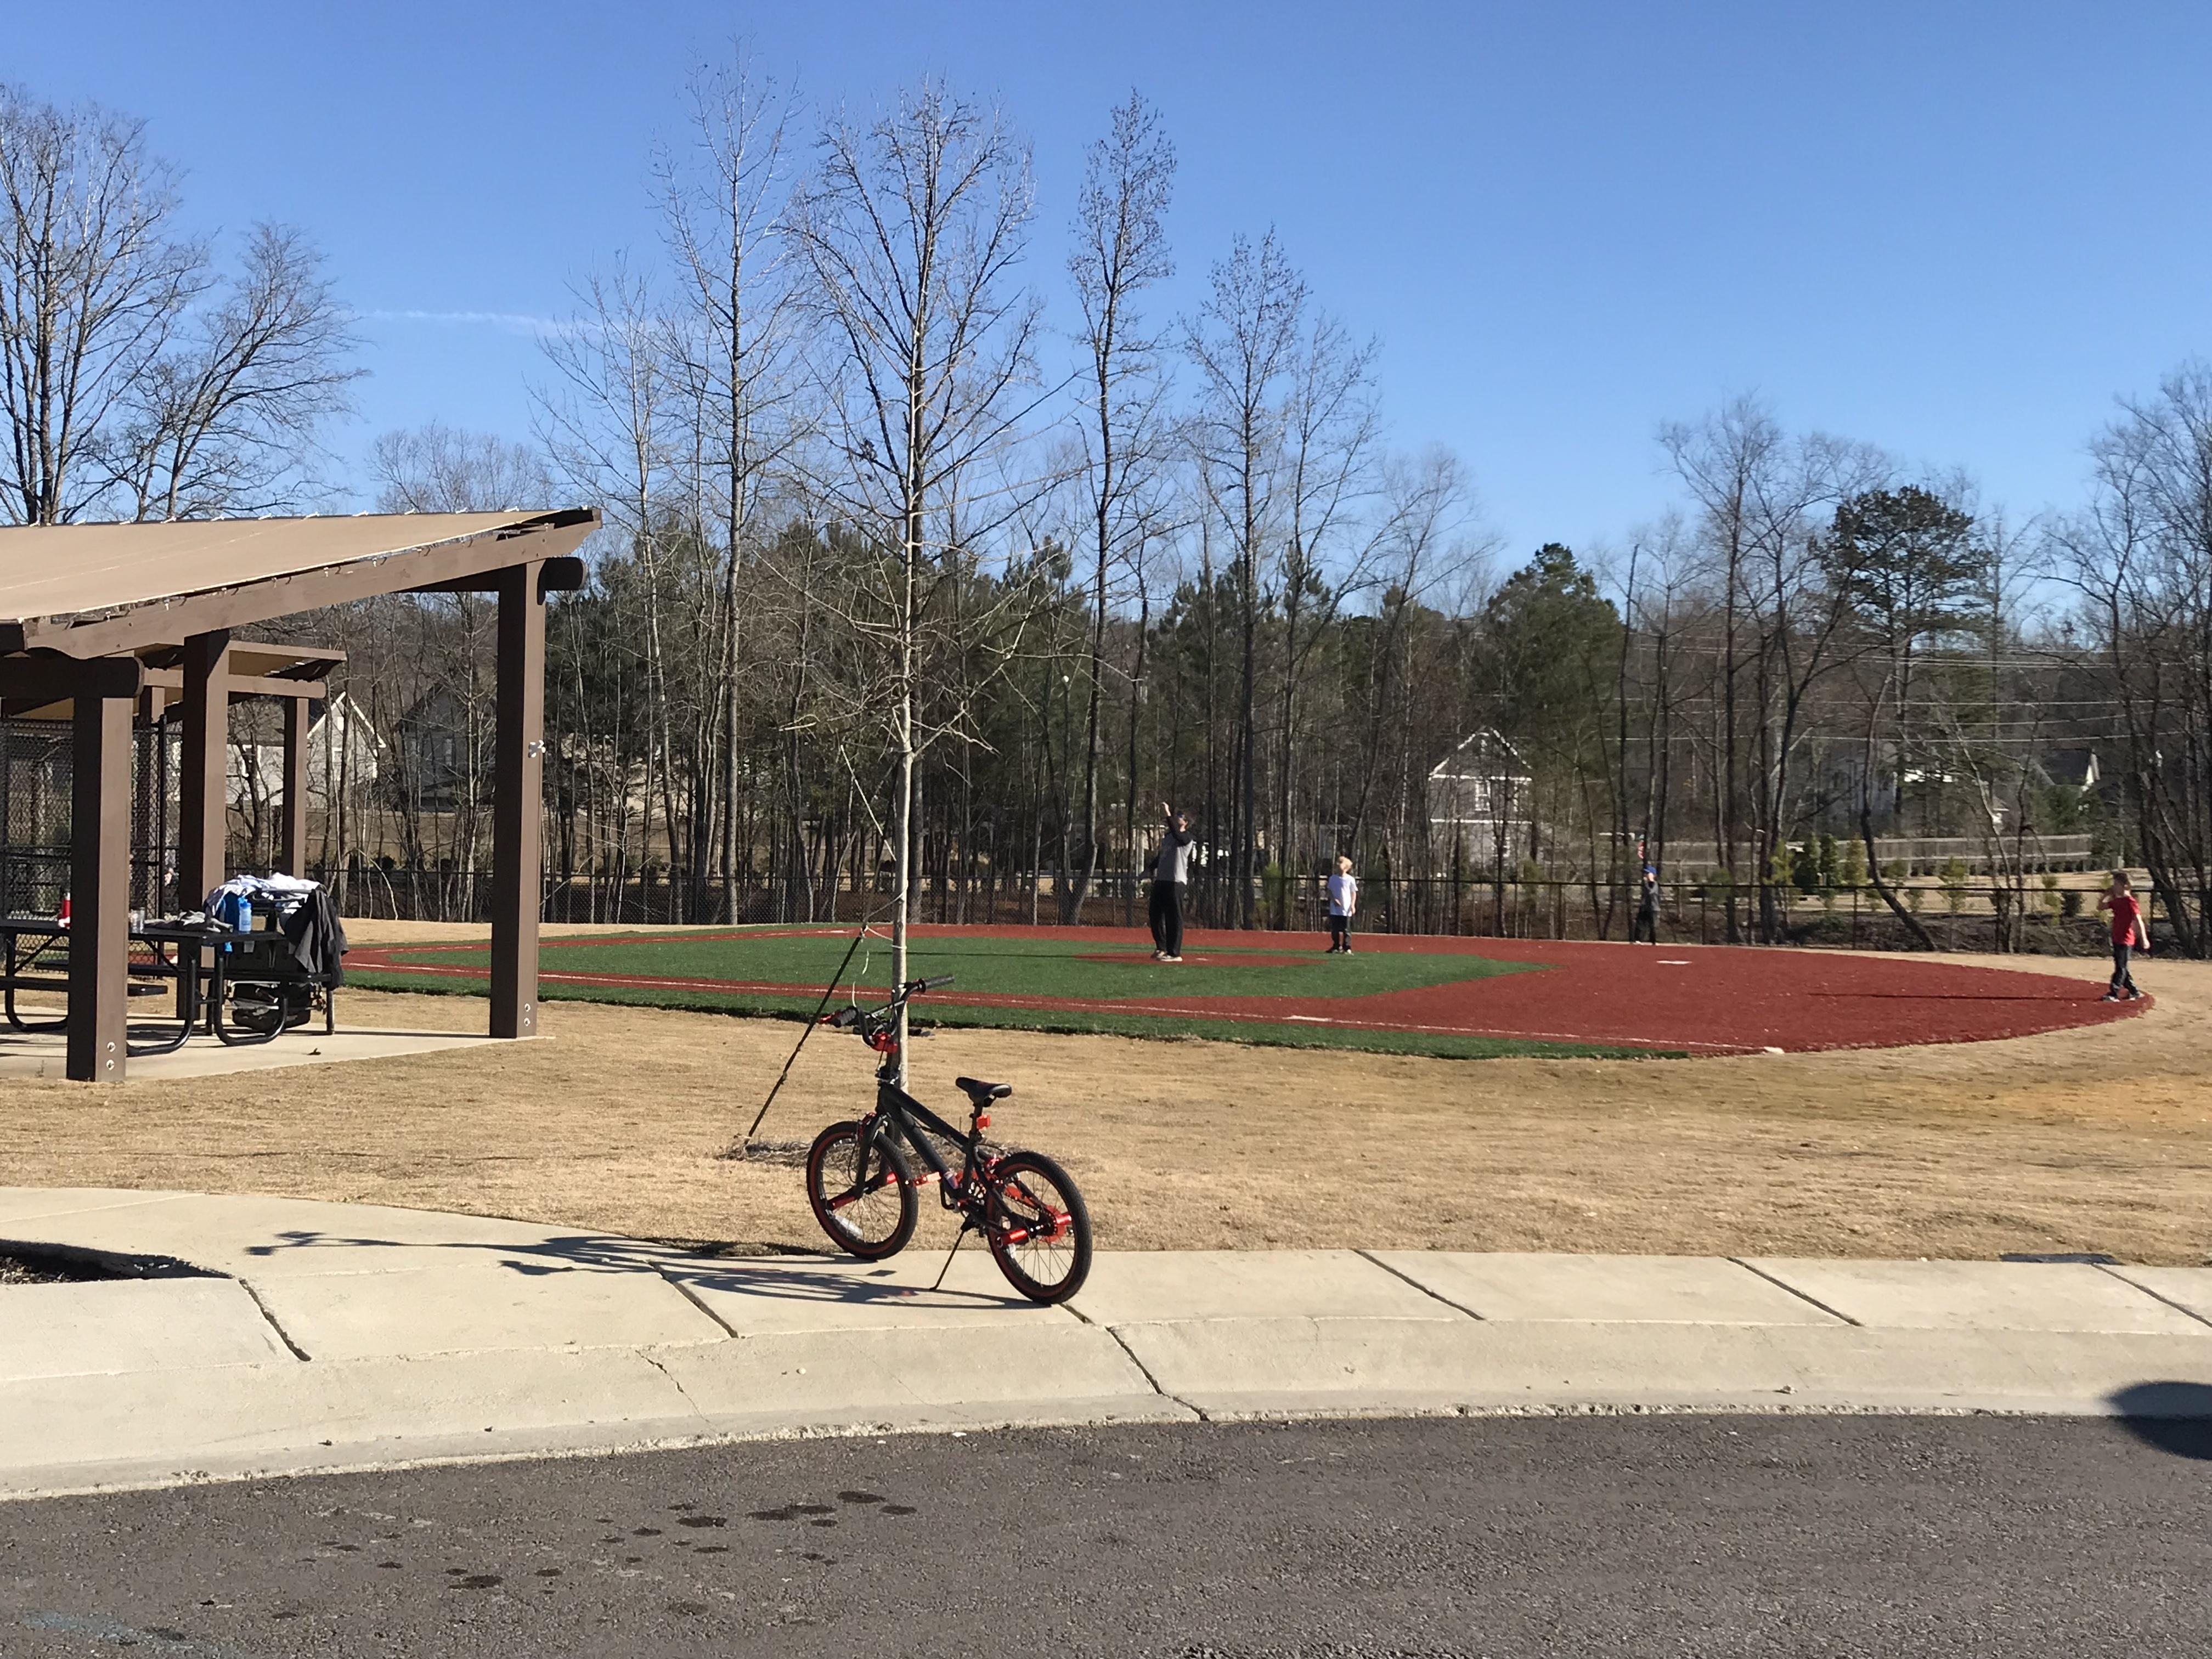 Stockton T-ball field Trussville Alabama